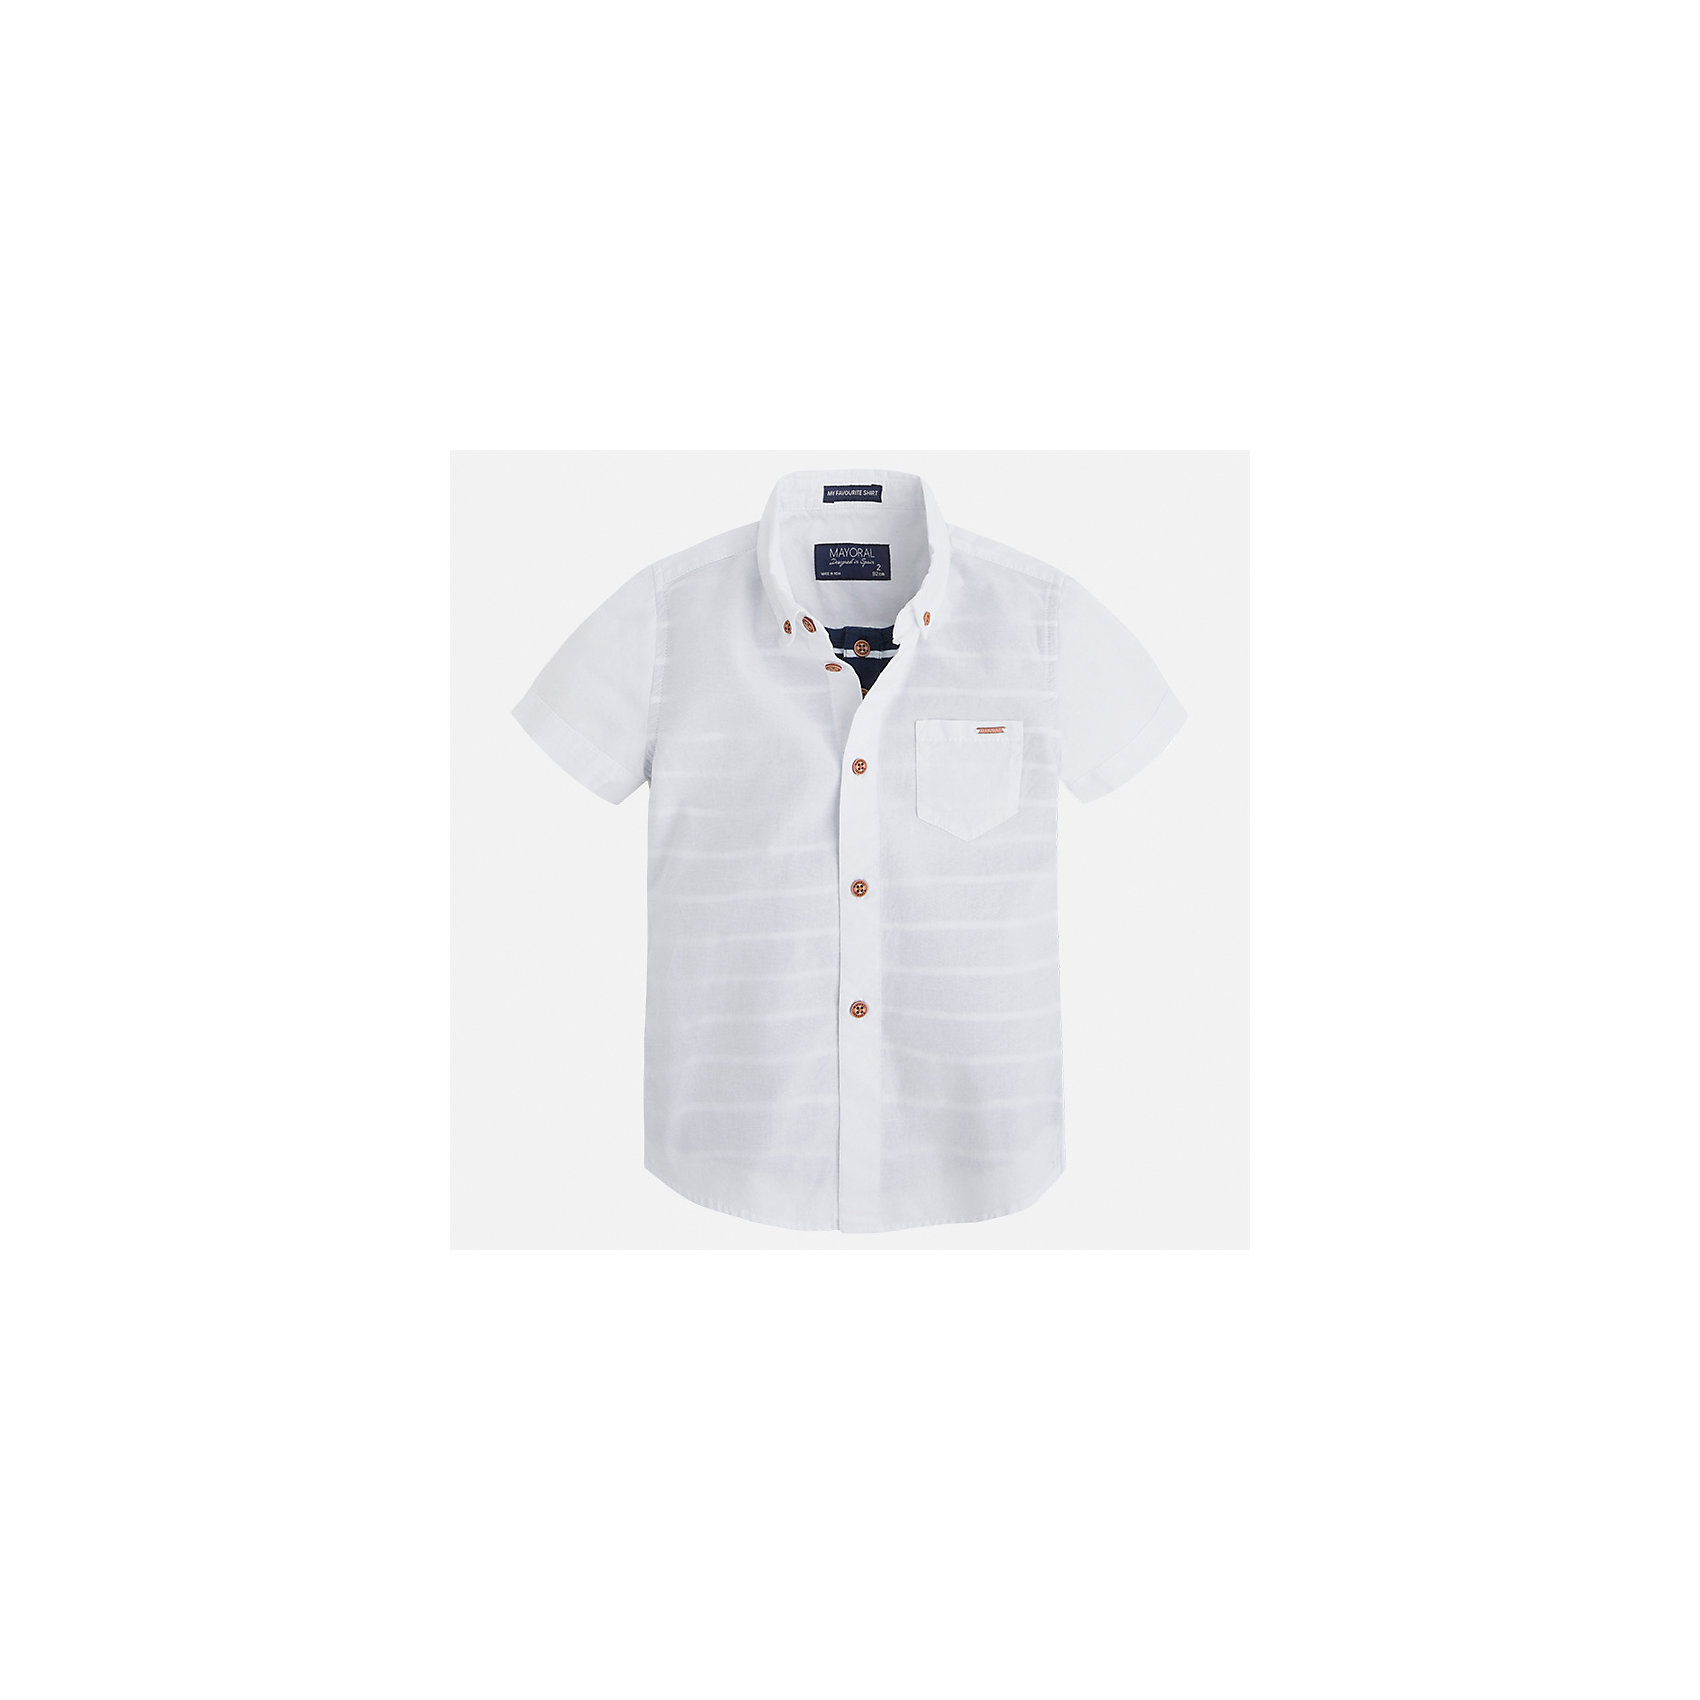 Рубашка для мальчика MayoralБлузки и рубашки<br>Характеристики товара:<br><br>• цвет: белый<br>• состав: 100% хлопок<br>• отложной воротник<br>• короткие рукава<br>• застежка: пуговицы<br>• карман на груди<br>• страна бренда: Испания<br><br>Стильная рубашка для мальчика может стать базовой вещью в гардеробе ребенка. Она отлично сочетается с брюками, шортами, джинсами и т.д. Универсальный крой и цвет позволяет подобрать к вещи низ разных расцветок. Практичное и стильное изделие! В составе материала - только натуральный хлопок, гипоаллергенный, приятный на ощупь, дышащий.<br><br>Одежда, обувь и аксессуары от испанского бренда Mayoral полюбились детям и взрослым по всему миру. Модели этой марки - стильные и удобные. Для их производства используются только безопасные, качественные материалы и фурнитура. Порадуйте ребенка модными и красивыми вещами от Mayoral! <br><br>Рубашку для мальчика от испанского бренда Mayoral (Майорал) можно купить в нашем интернет-магазине.<br><br>Ширина мм: 174<br>Глубина мм: 10<br>Высота мм: 169<br>Вес г: 157<br>Цвет: белый<br>Возраст от месяцев: 72<br>Возраст до месяцев: 84<br>Пол: Мужской<br>Возраст: Детский<br>Размер: 116,110,98,92,104,134,128,122<br>SKU: 5272306